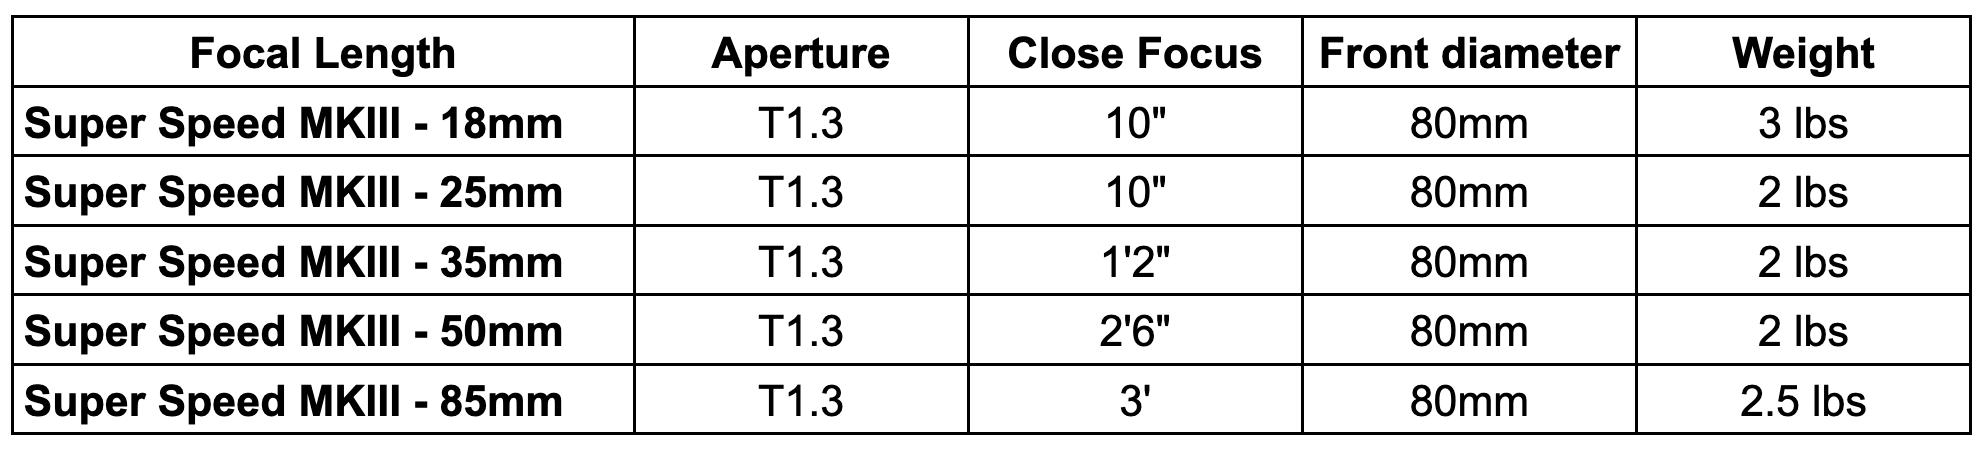 Zeiss Super Speed MKIII Data Sheet